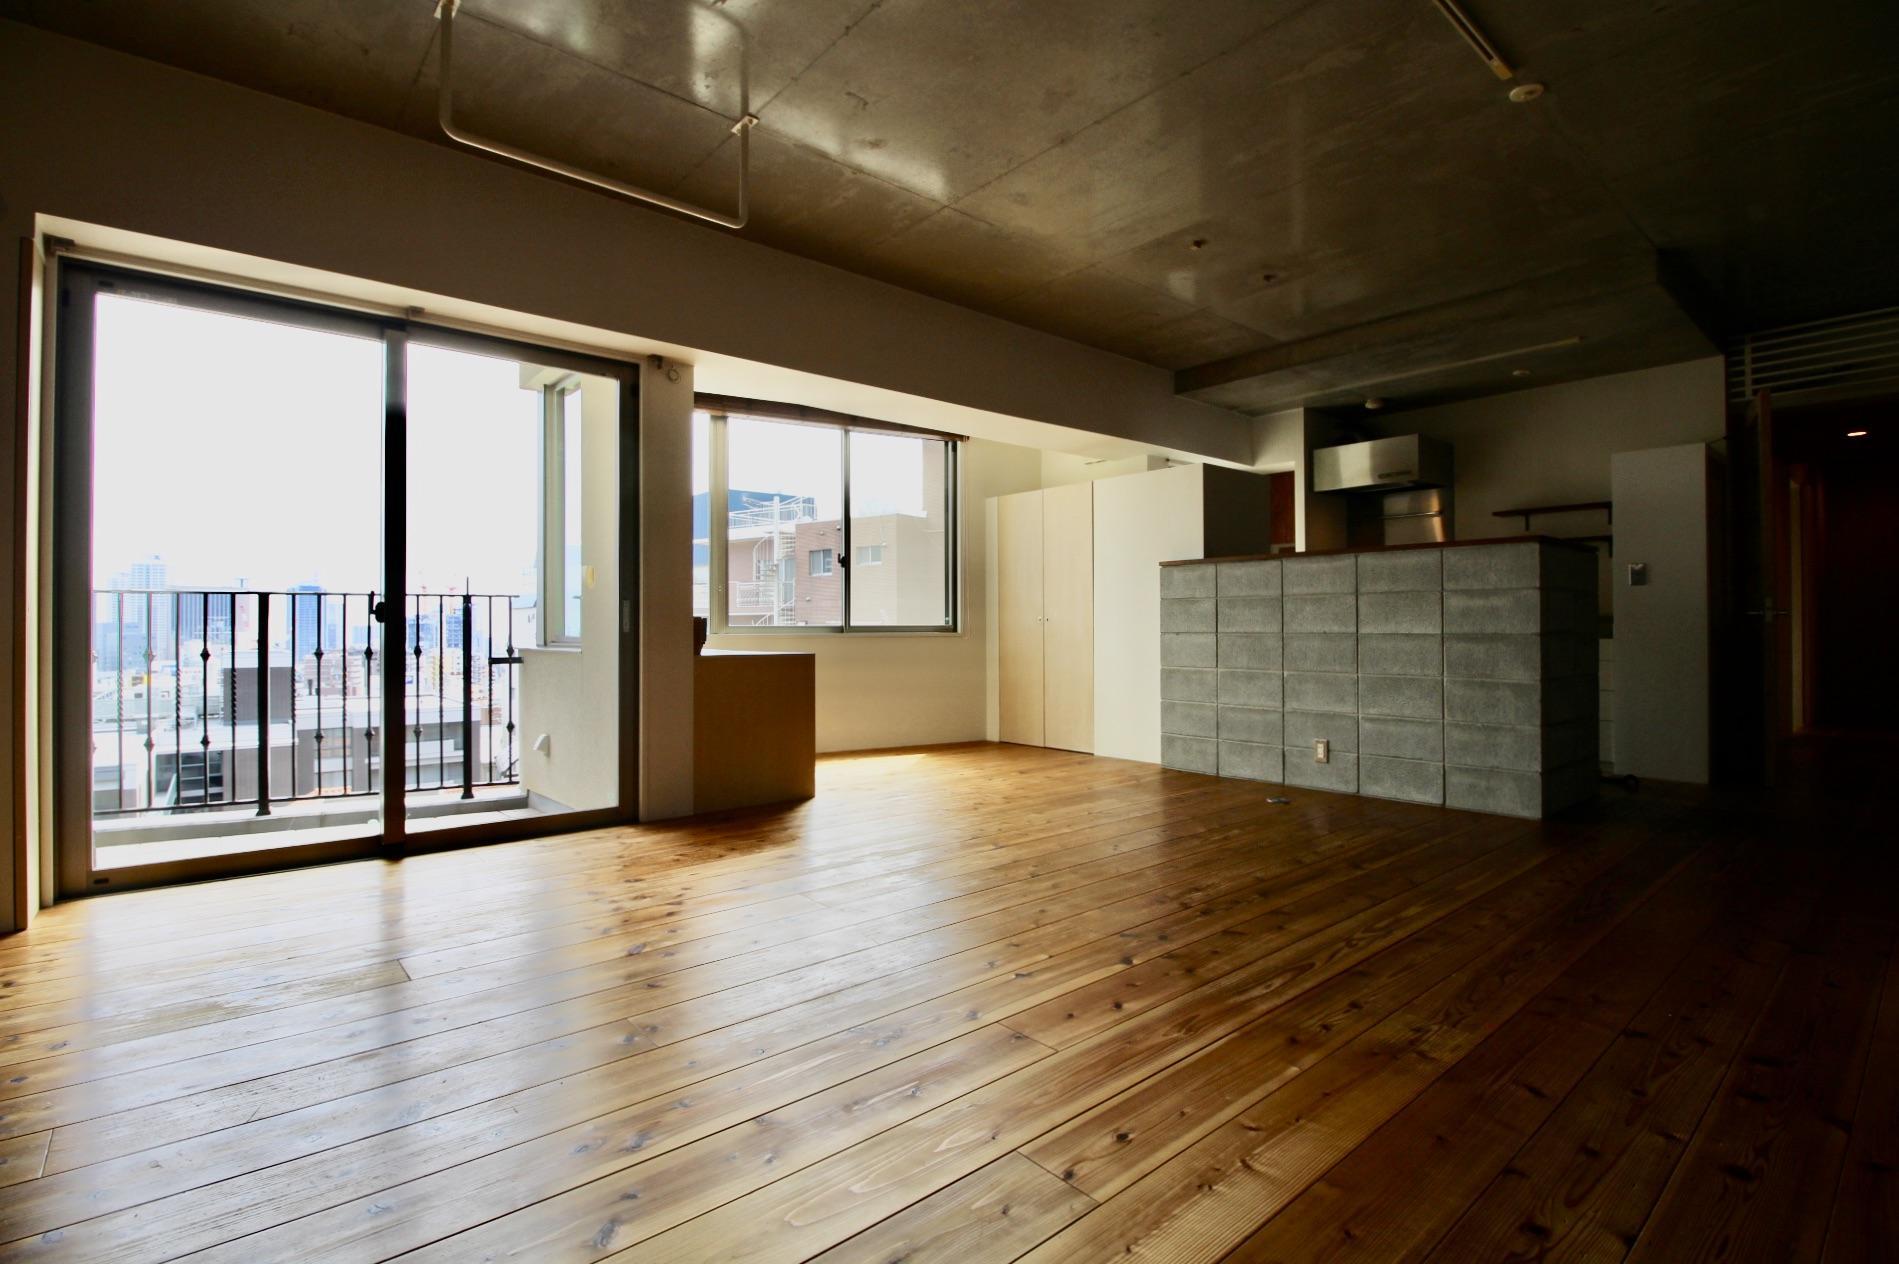 素材が織りなす建築 (神戸市中央区北野町の物件) - 神戸R不動産